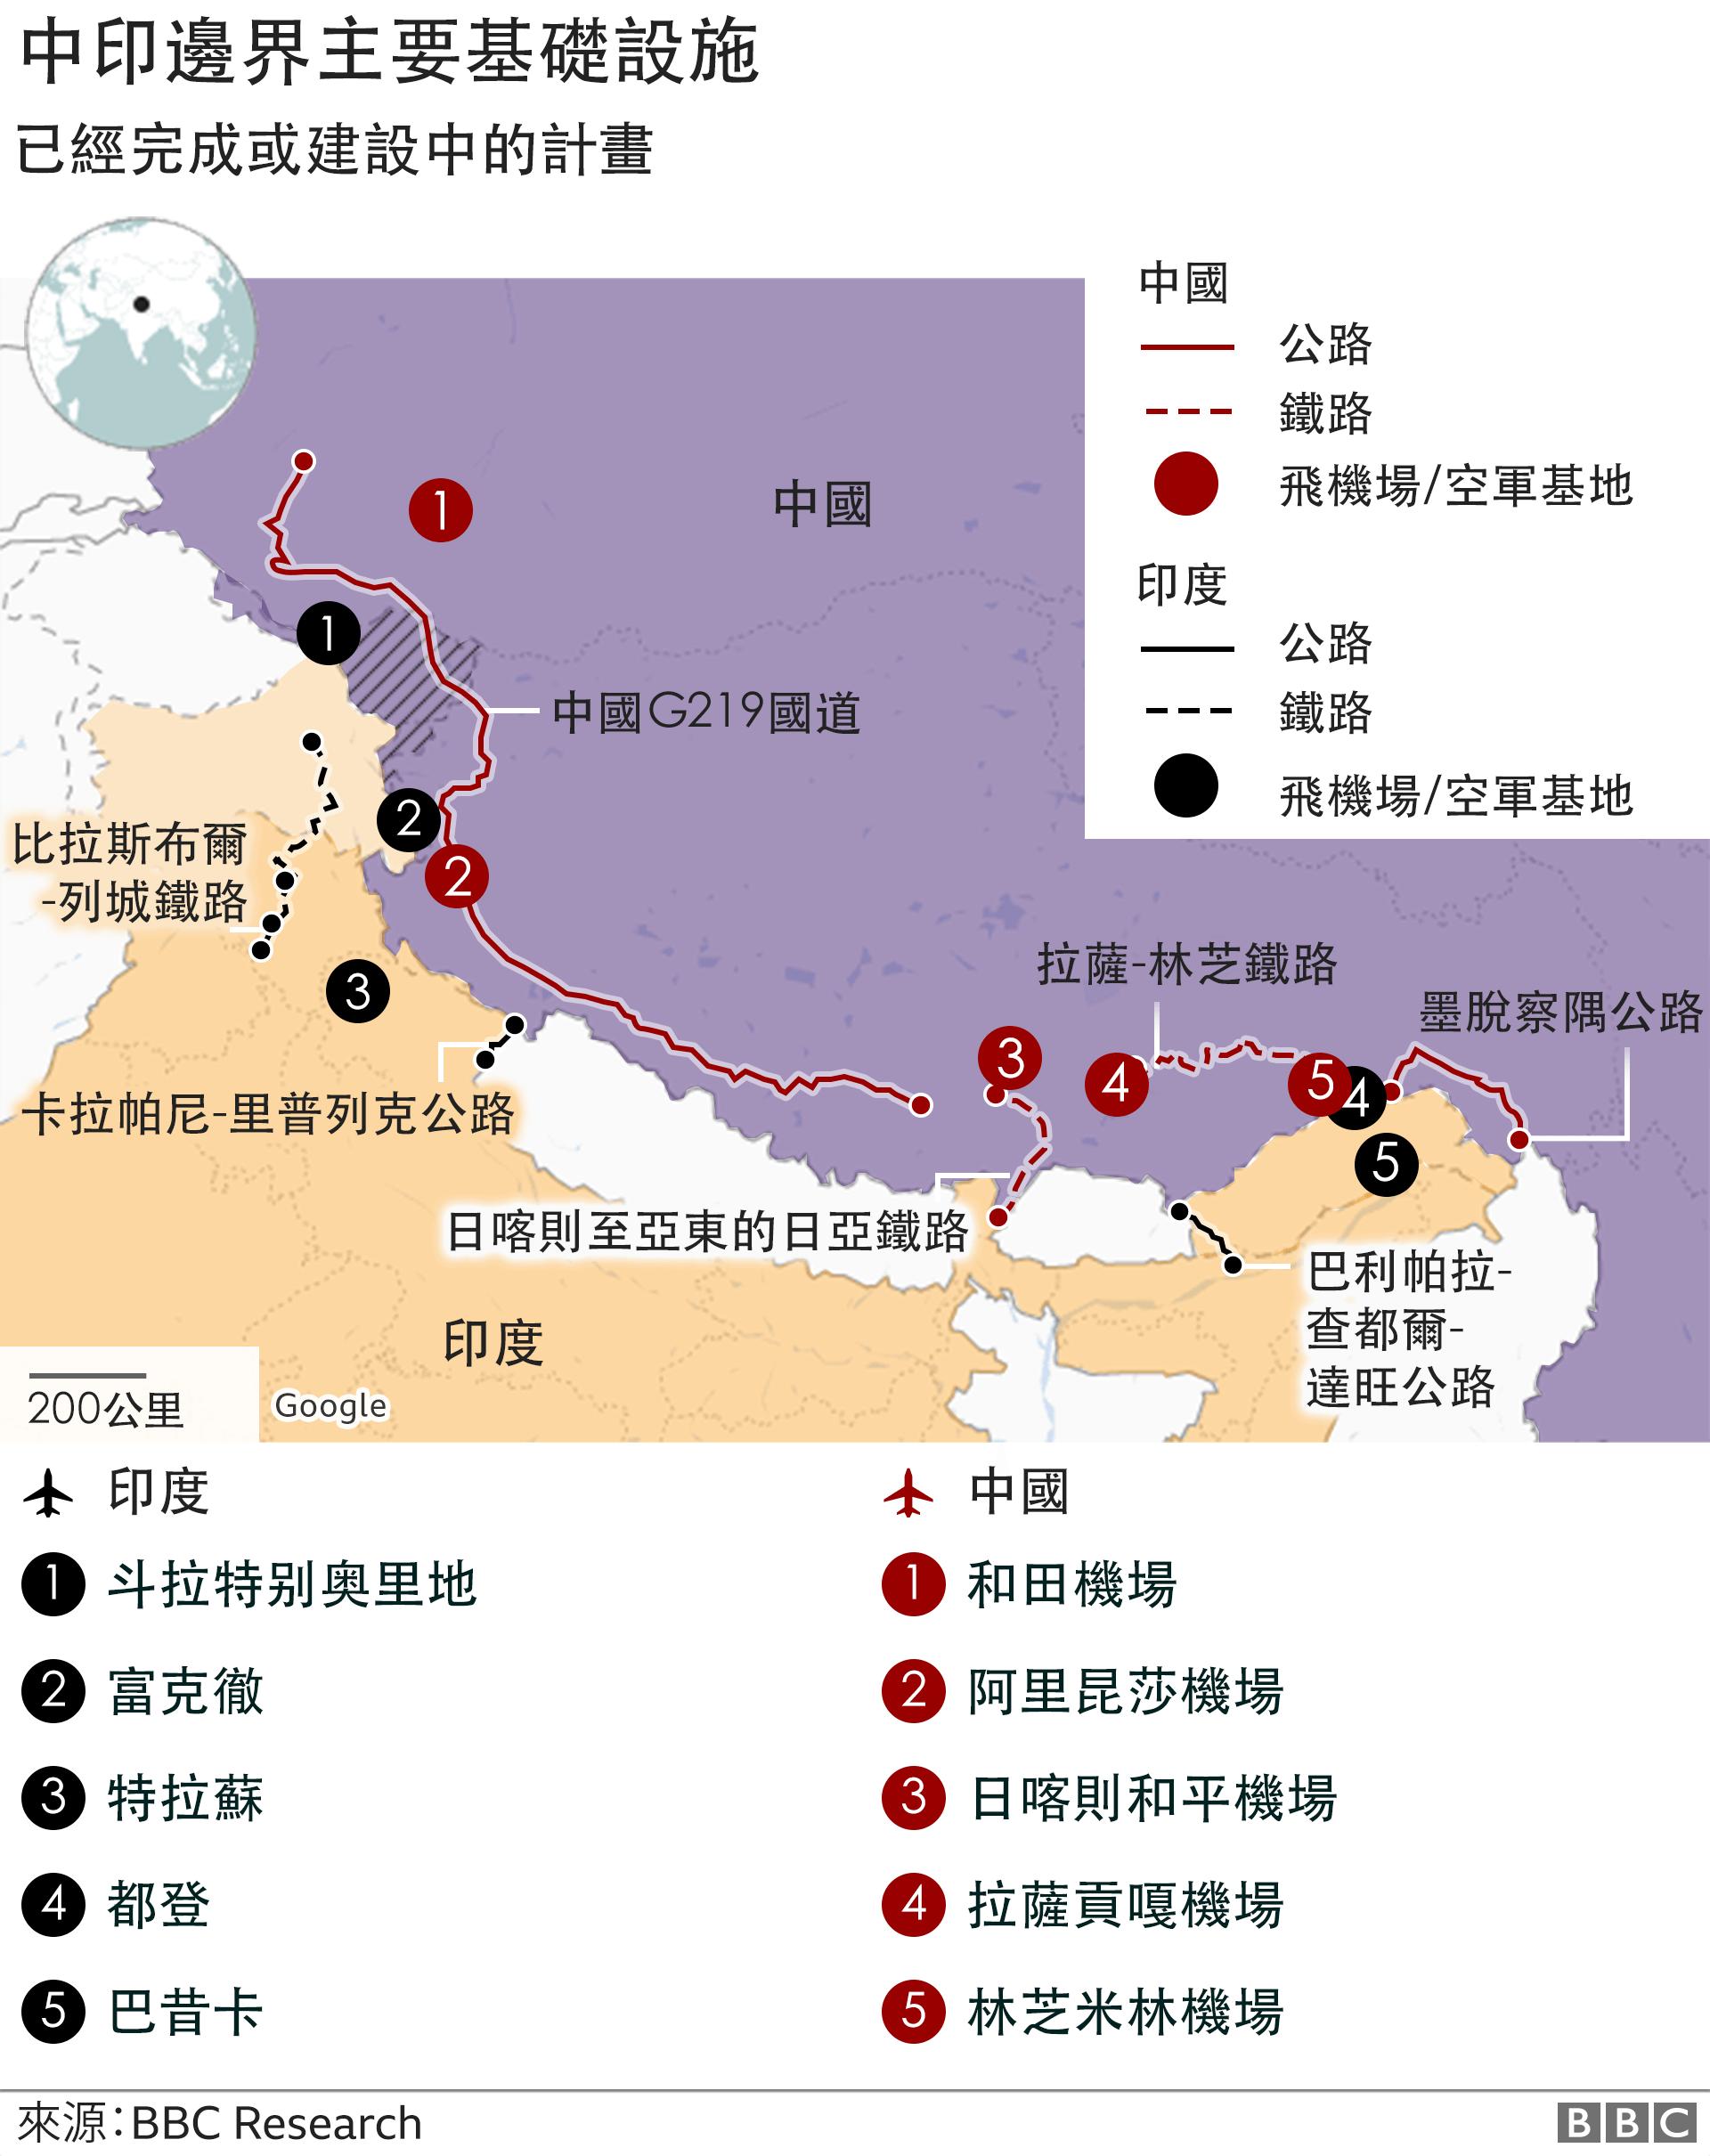 中印邊境主要基礎設施